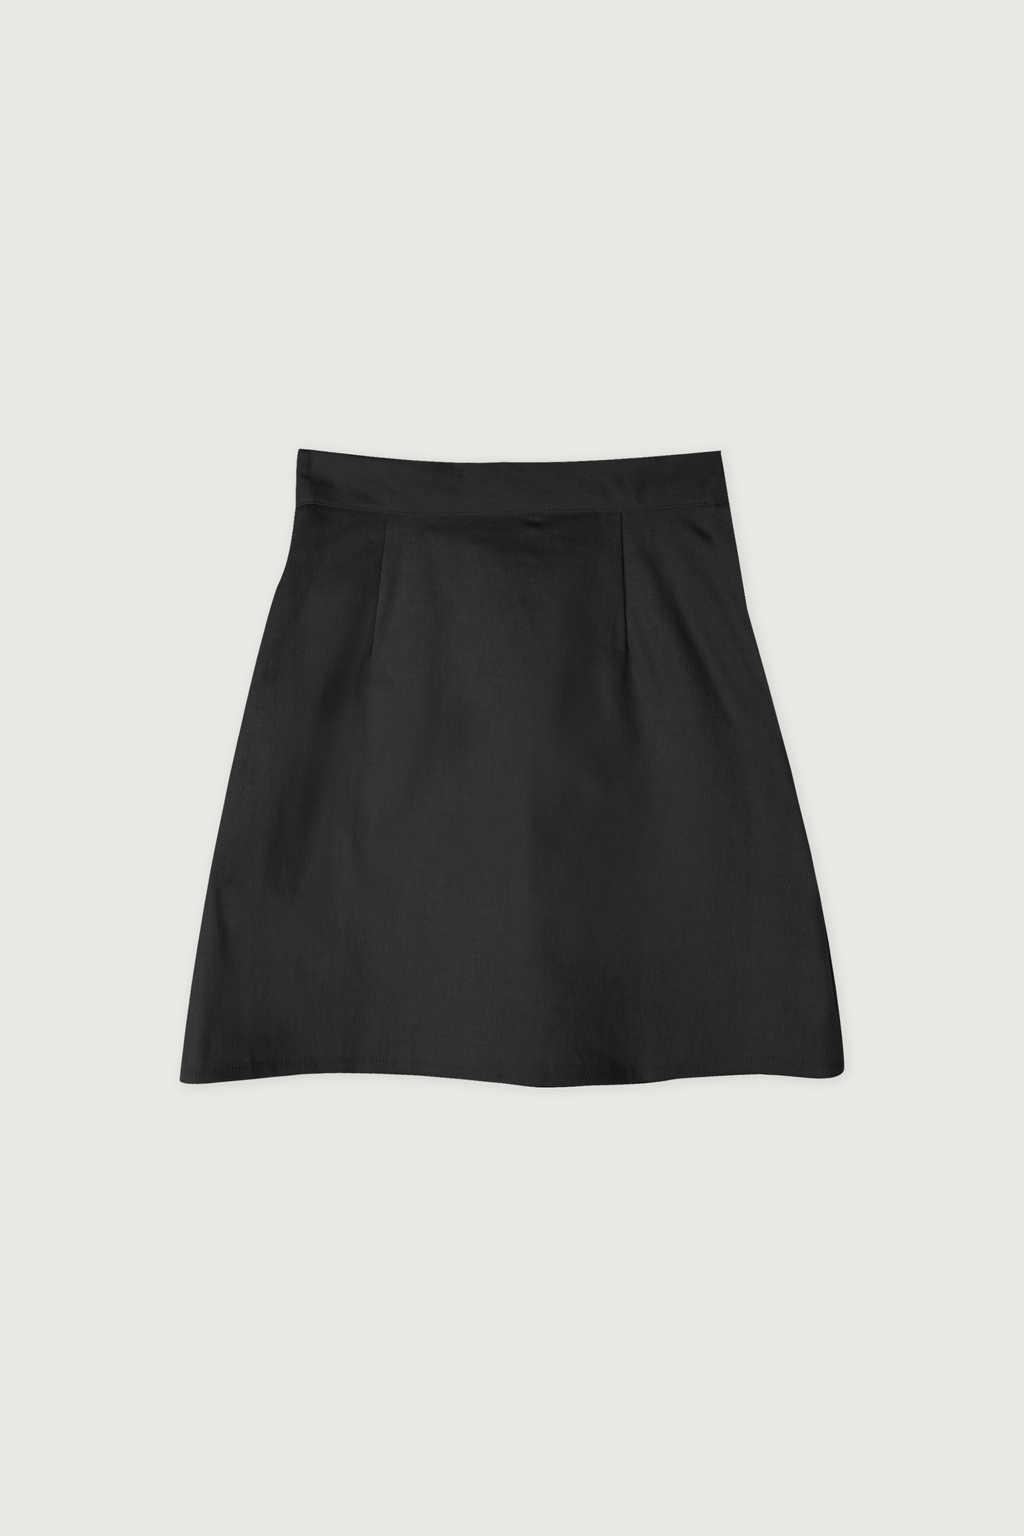 Skirt K023 Black 7